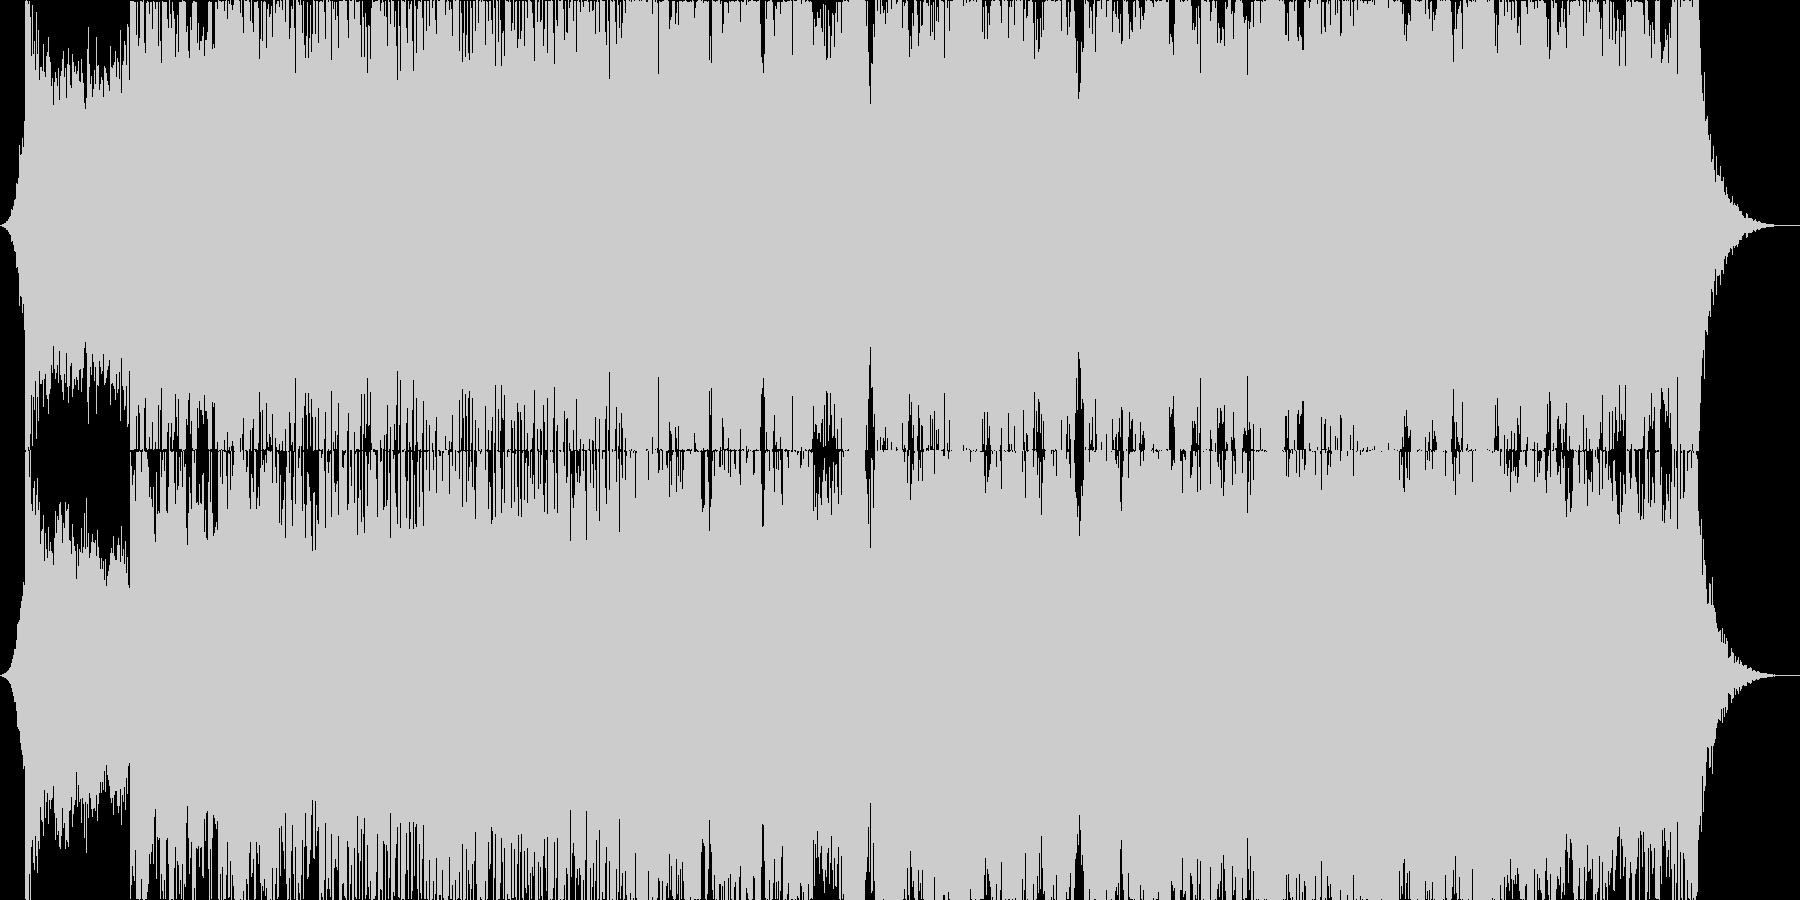 生演奏バイオリンによるダブステップの未再生の波形